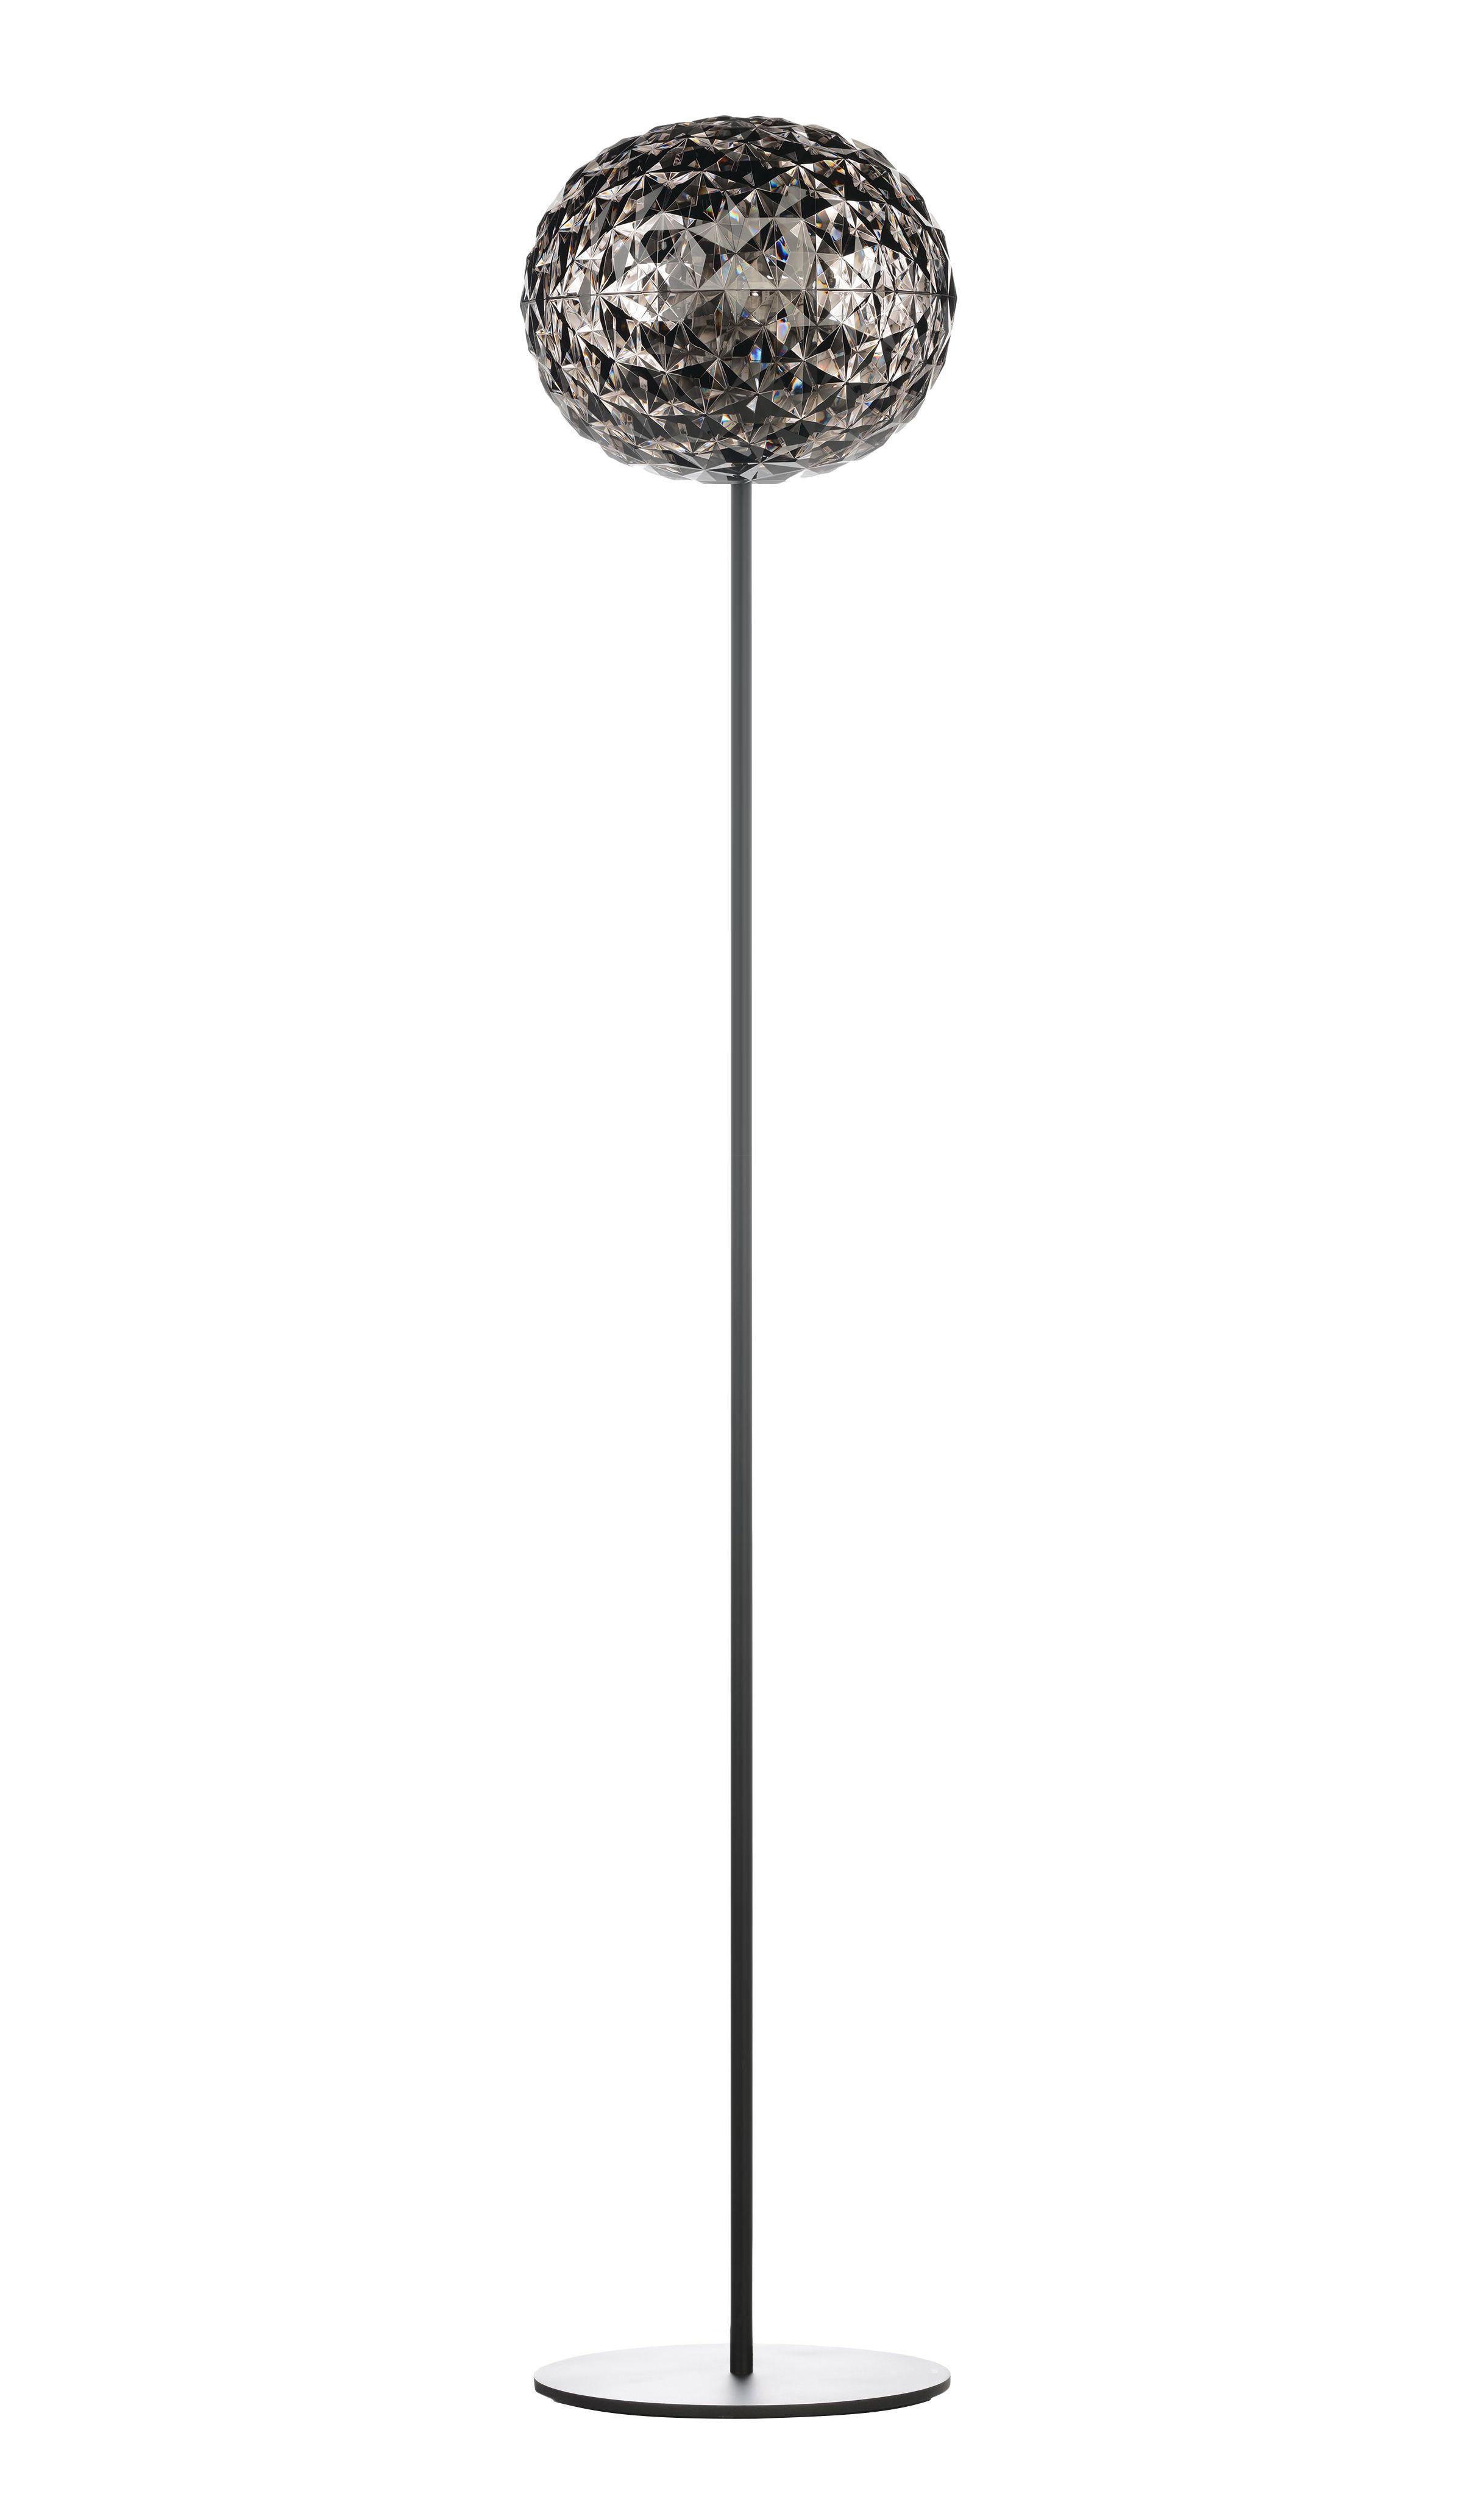 Illuminazione - Lampade da terra - Lampada a stelo Planet - / LED - H 160 cm di Kartell - Grigio fumé / Piede nero - Alluminio, Technopolymère thermoplastique